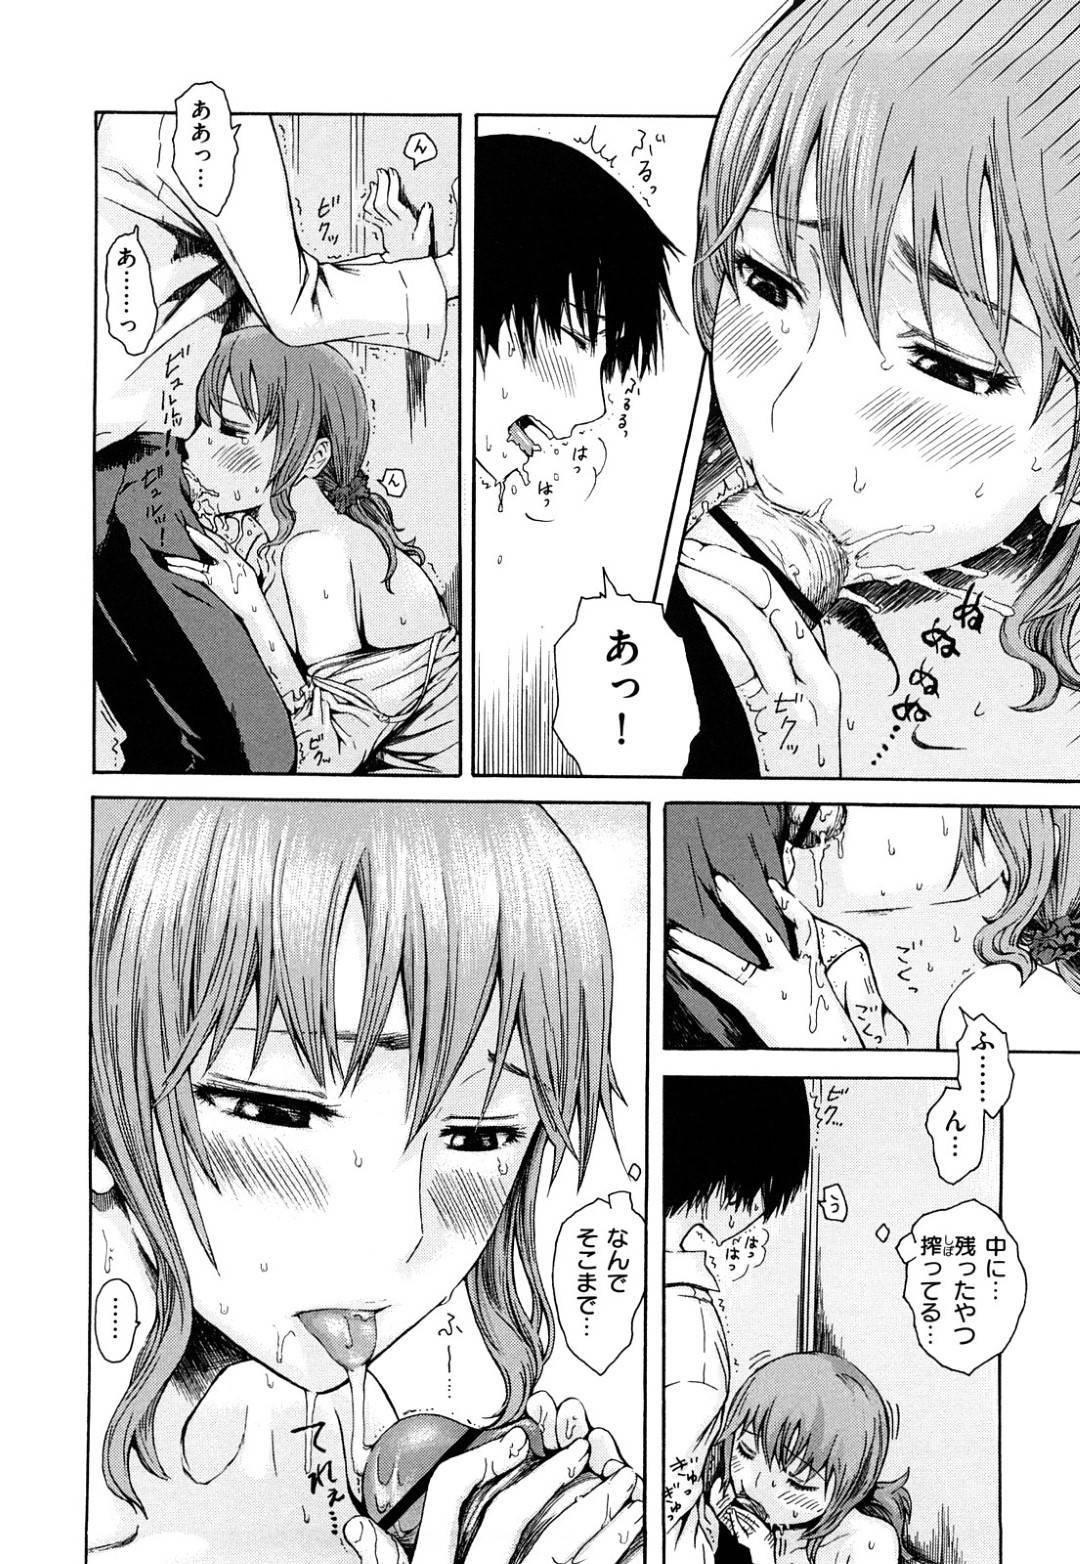 【エロ漫画】父と再婚した若い母親…息子に怒られて興奮されたので乳首責めされてフェラしてあげて近親相姦セックスでイチャイチャしちゃう!【石川シスケ:ママハハ】